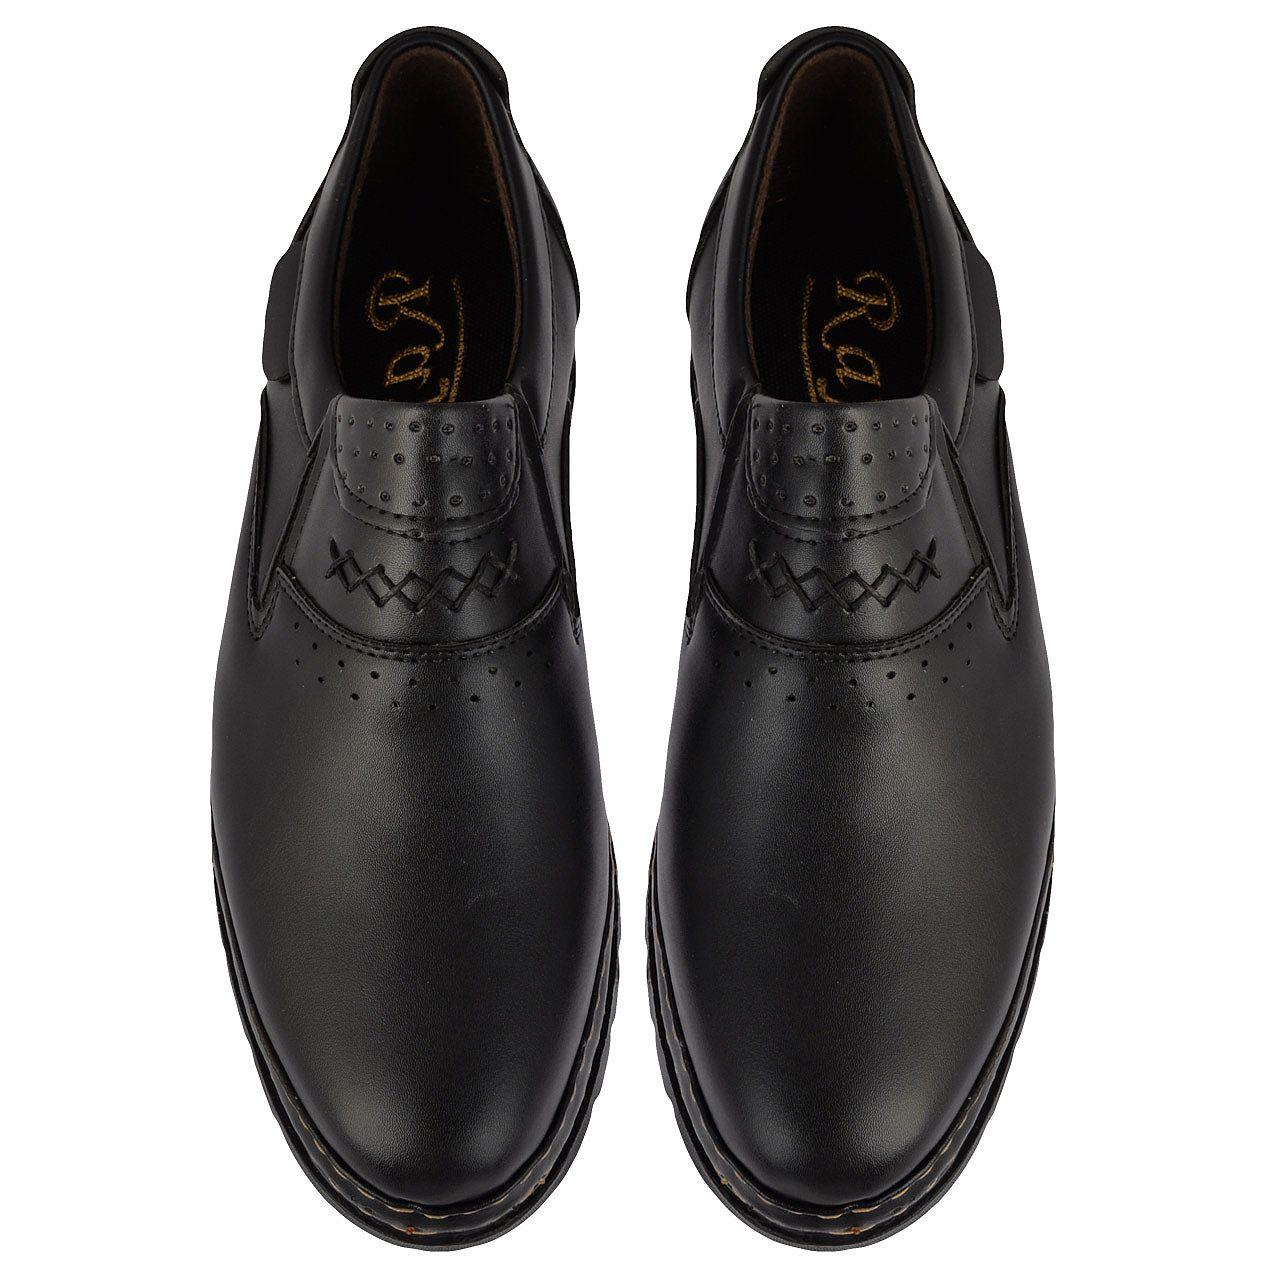 کفش روزمره مردانه کد 324006902 -  - 5